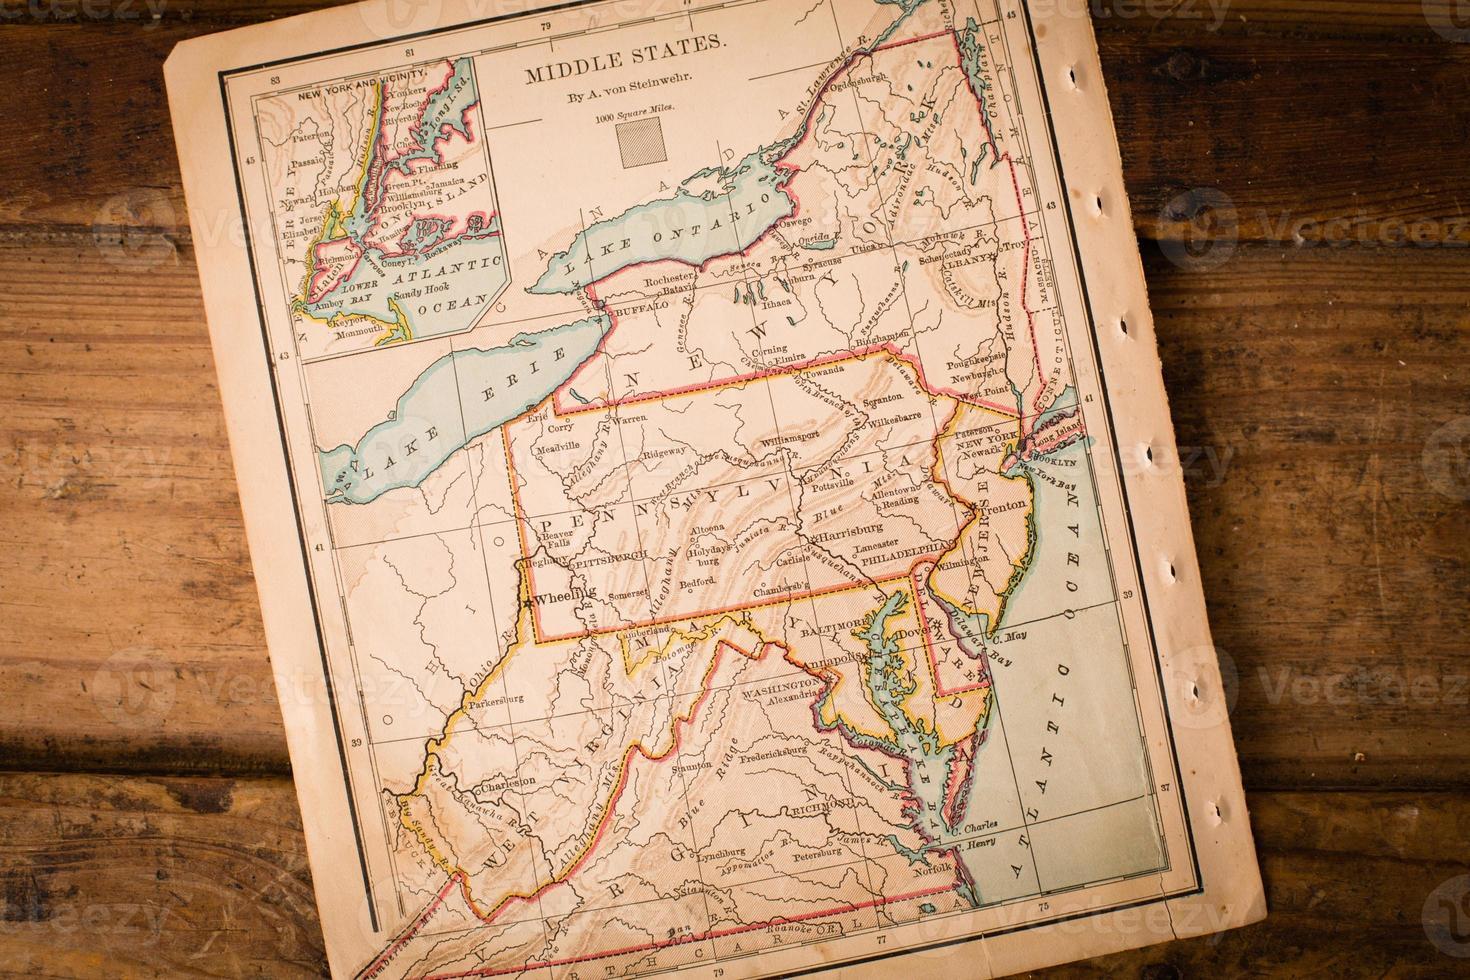 vecchia mappa degli stati medi, seduto ad angolo sul tronco di legno foto